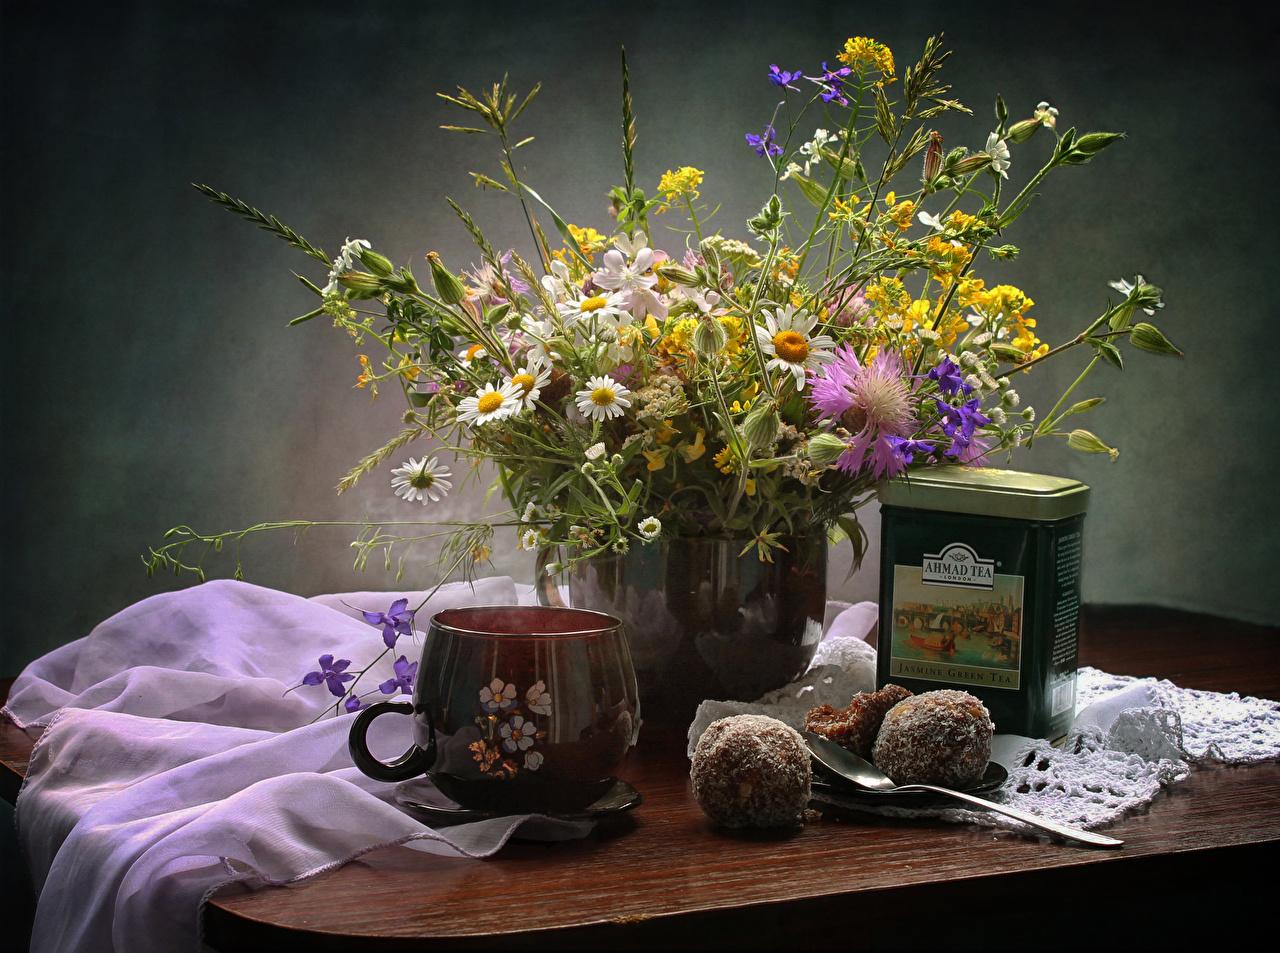 Обои Чай Цветы Ромашки Пища чашке Сладости Еда Чашка Продукты питания